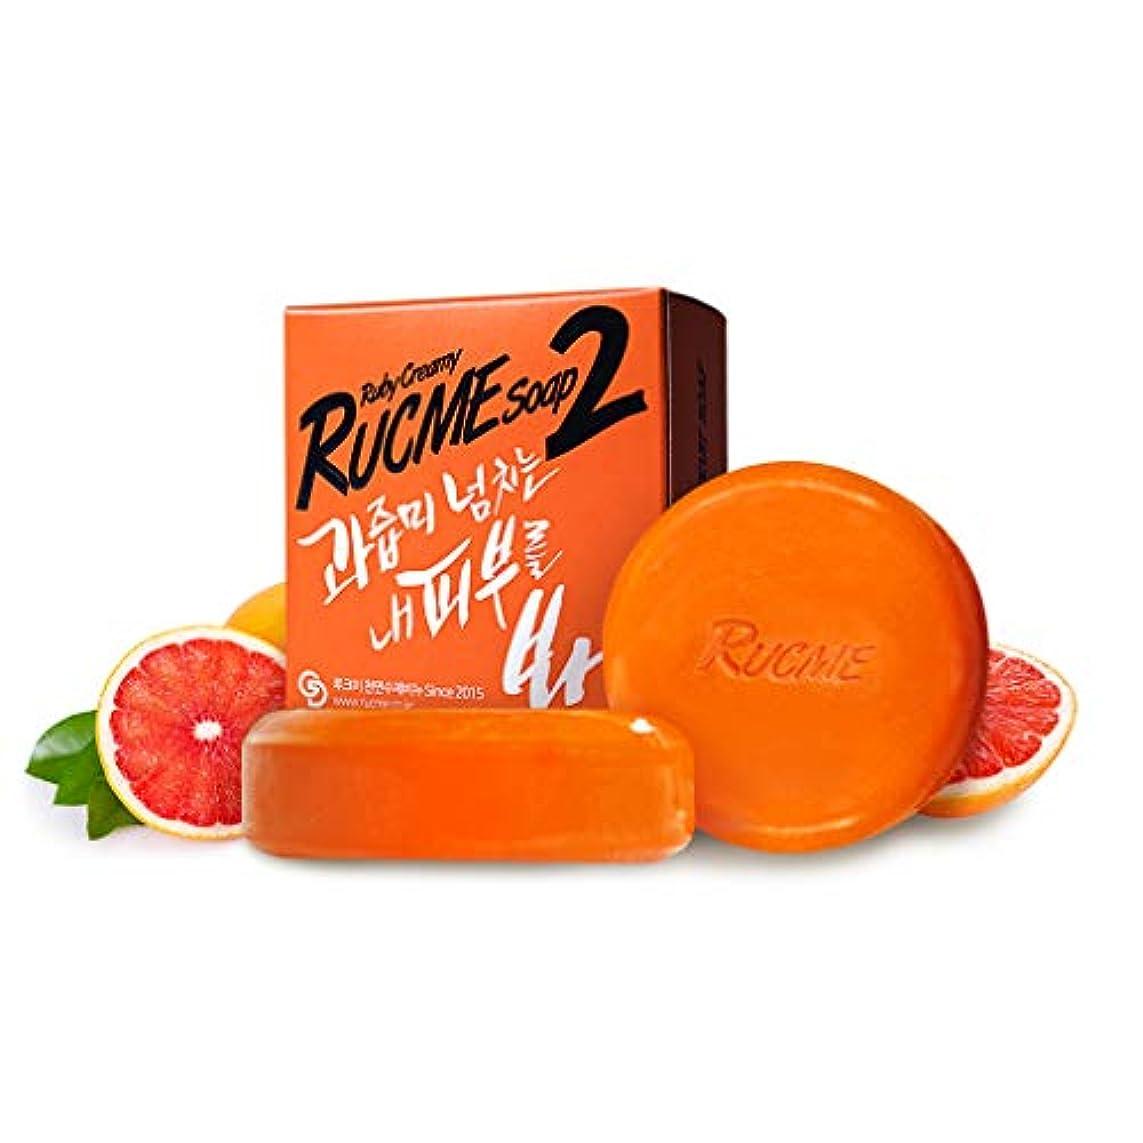 輪郭ぐったりすべき[RUCME] グレープフルーツ&パプリカ 洗顔石鹸/ルビークリーミーソープ 2